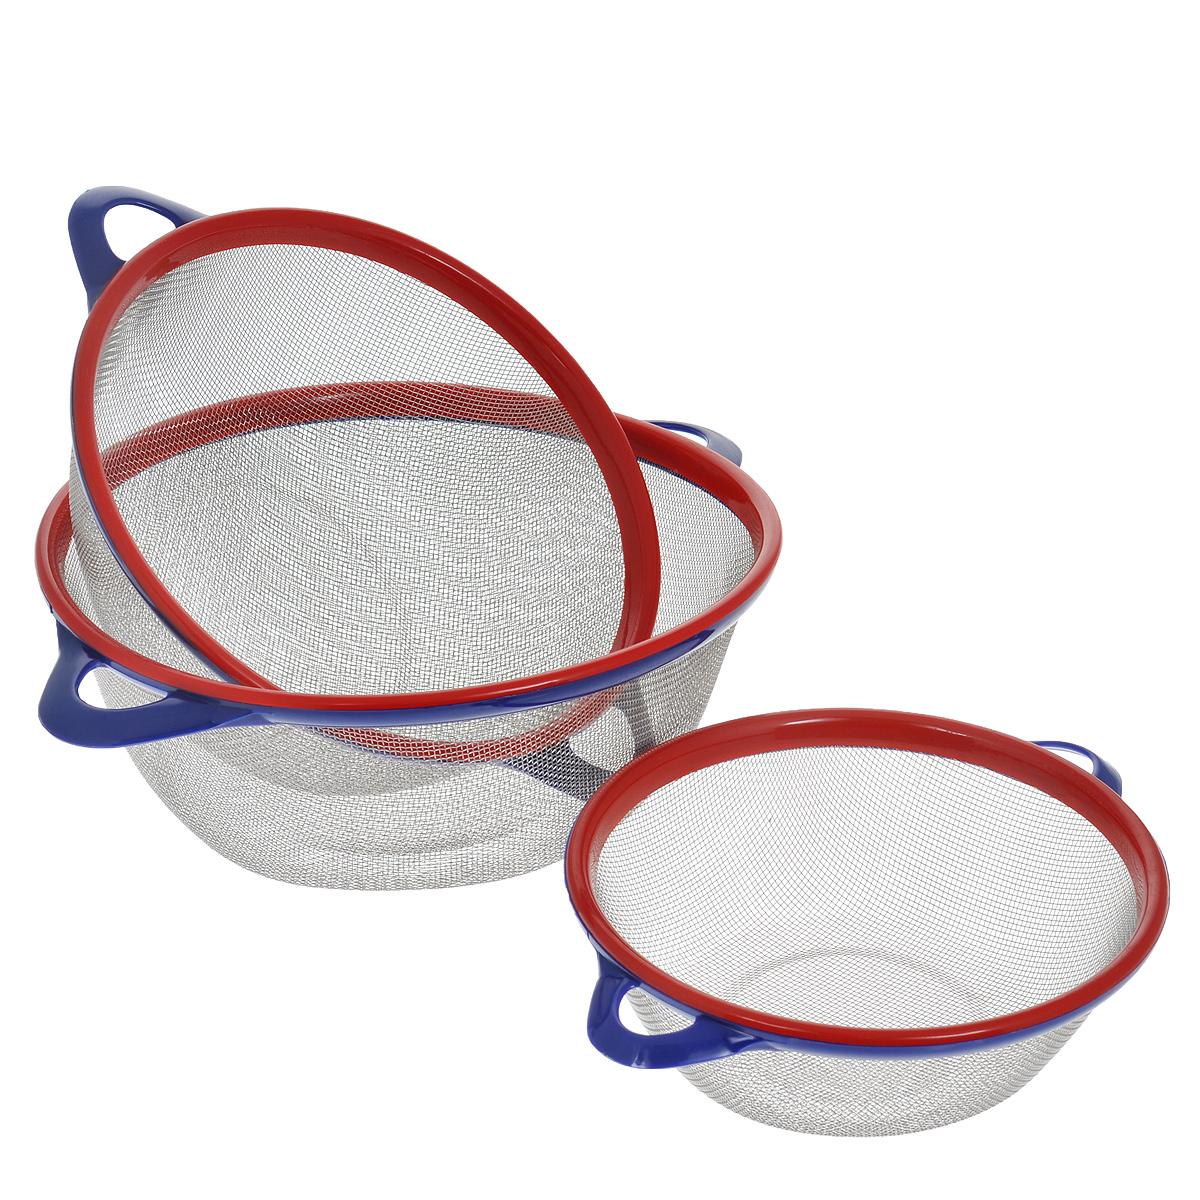 Сито Bekker, цвет: красный, синий, 3 шт. BK-9224BK-9224В набор Bekker входит 3 сита разного диаметра, выполненных из нержавеющей стали. Сито станет незаменимым аксессуаром на вашей кухне. Предназначено для просеивания и процеживания муки, промывания круп, ягод и фруктов. Сито оснащено удобными пластиковыми ручками. Прочная стальная сетка обеспечивает изделию износостойкость и долговечность. Подходит для чистки в посудомоечной машине.Диаметр изделий: 26 см, 22,5 см, 20см.Высота изделий: 10 см, 9 см, 6,5 см.Ширина изделий (с учетом ручек): 32,5 см, 29 см, 25 см.